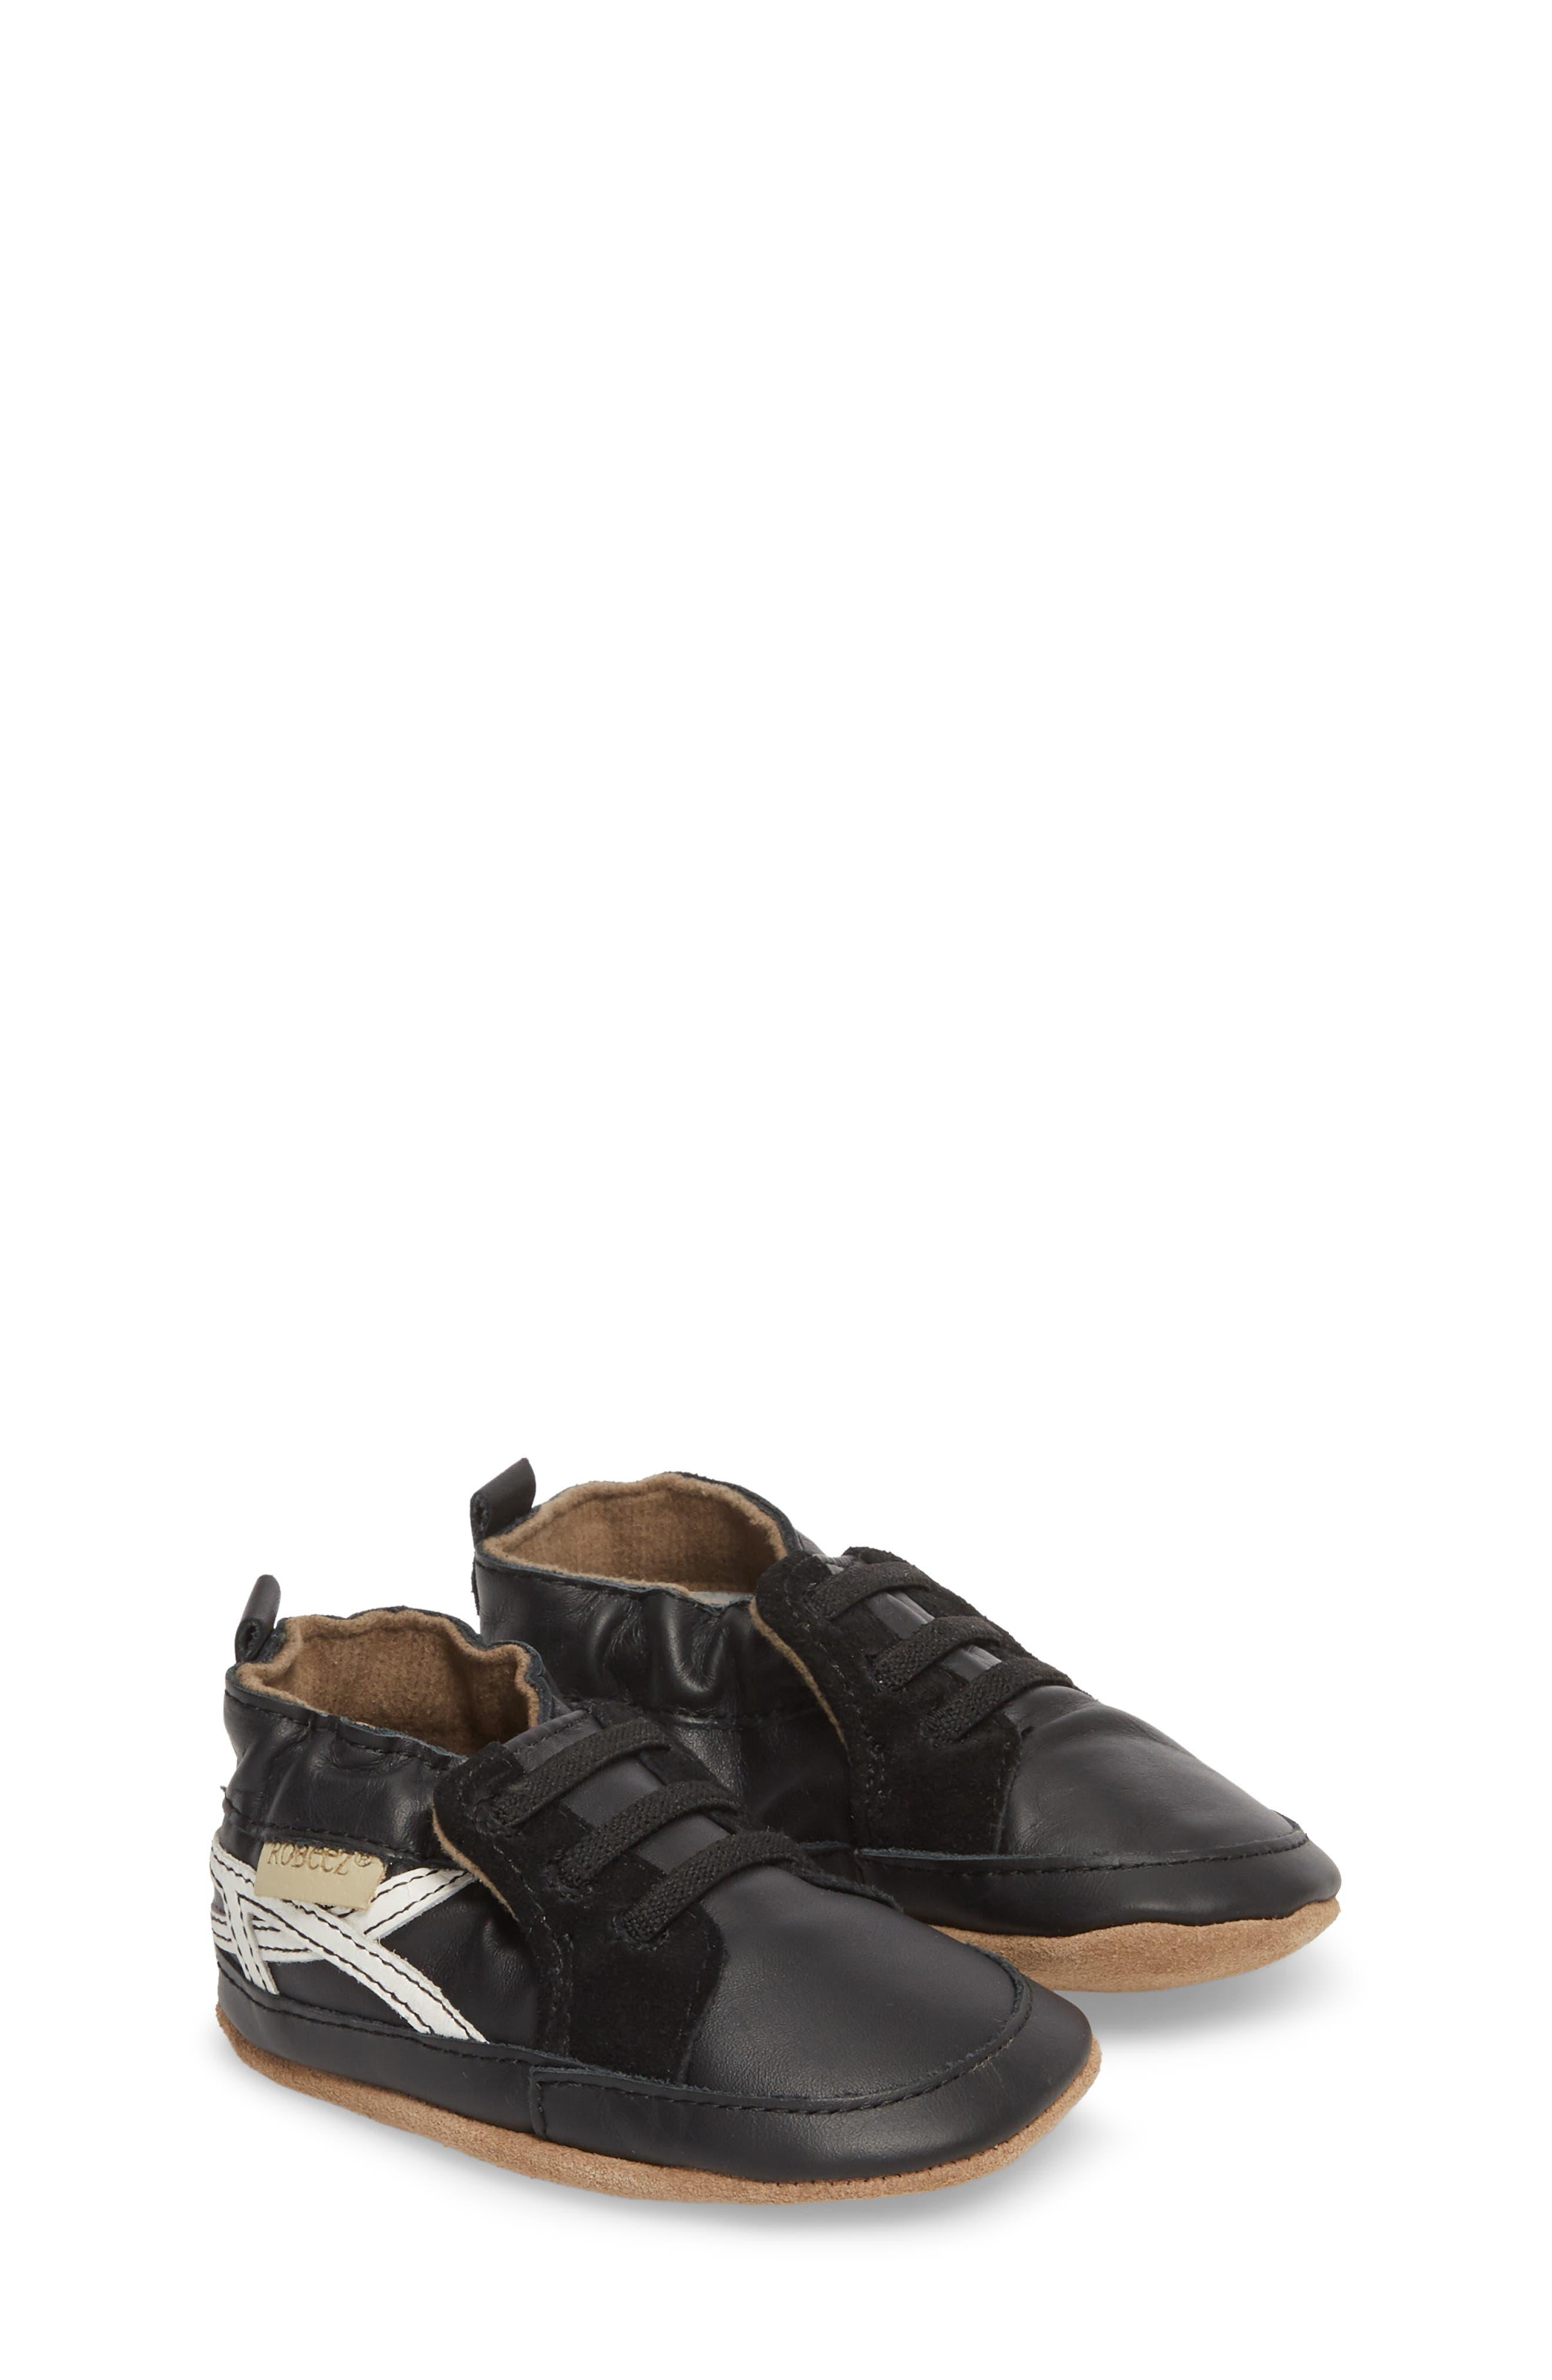 Super Sporty Sneaker Crib Shoe,                         Main,                         color, BLACK